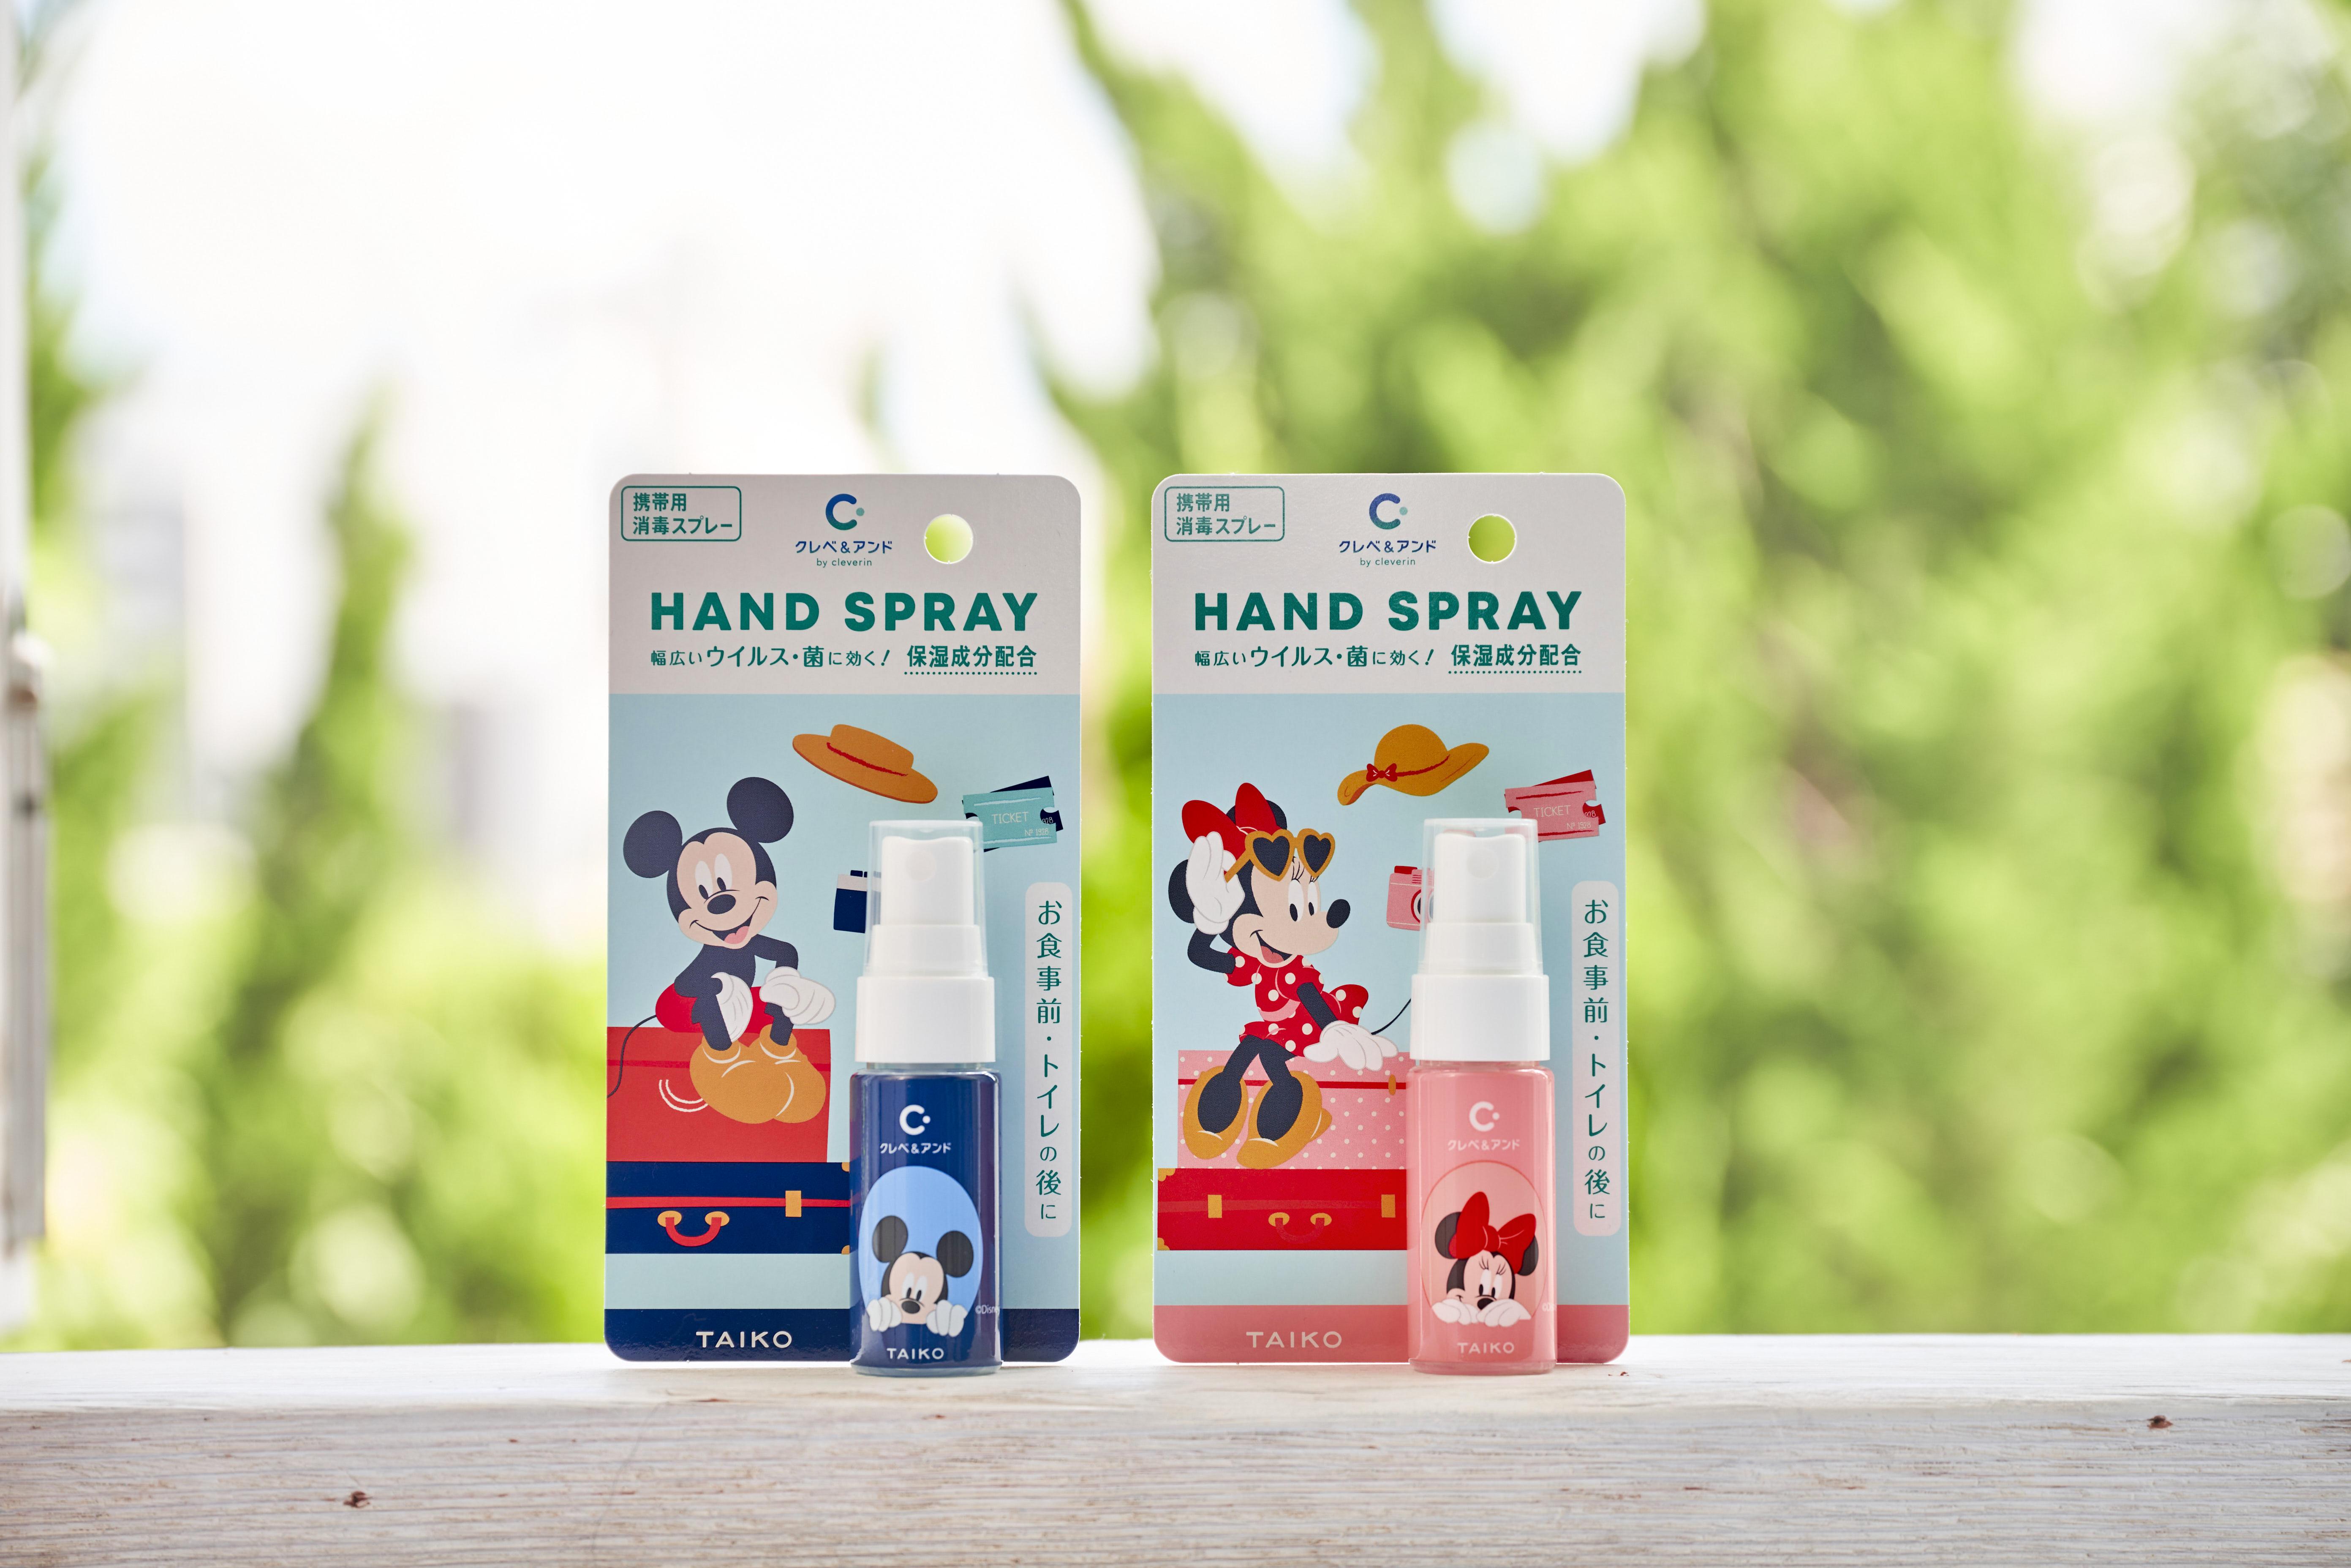 ディズニーキャラクターの「クレベ&アンド」商品を発売 大幸薬品、ハンドスプレーの容器デザインにミッキー、ミニー 画像1